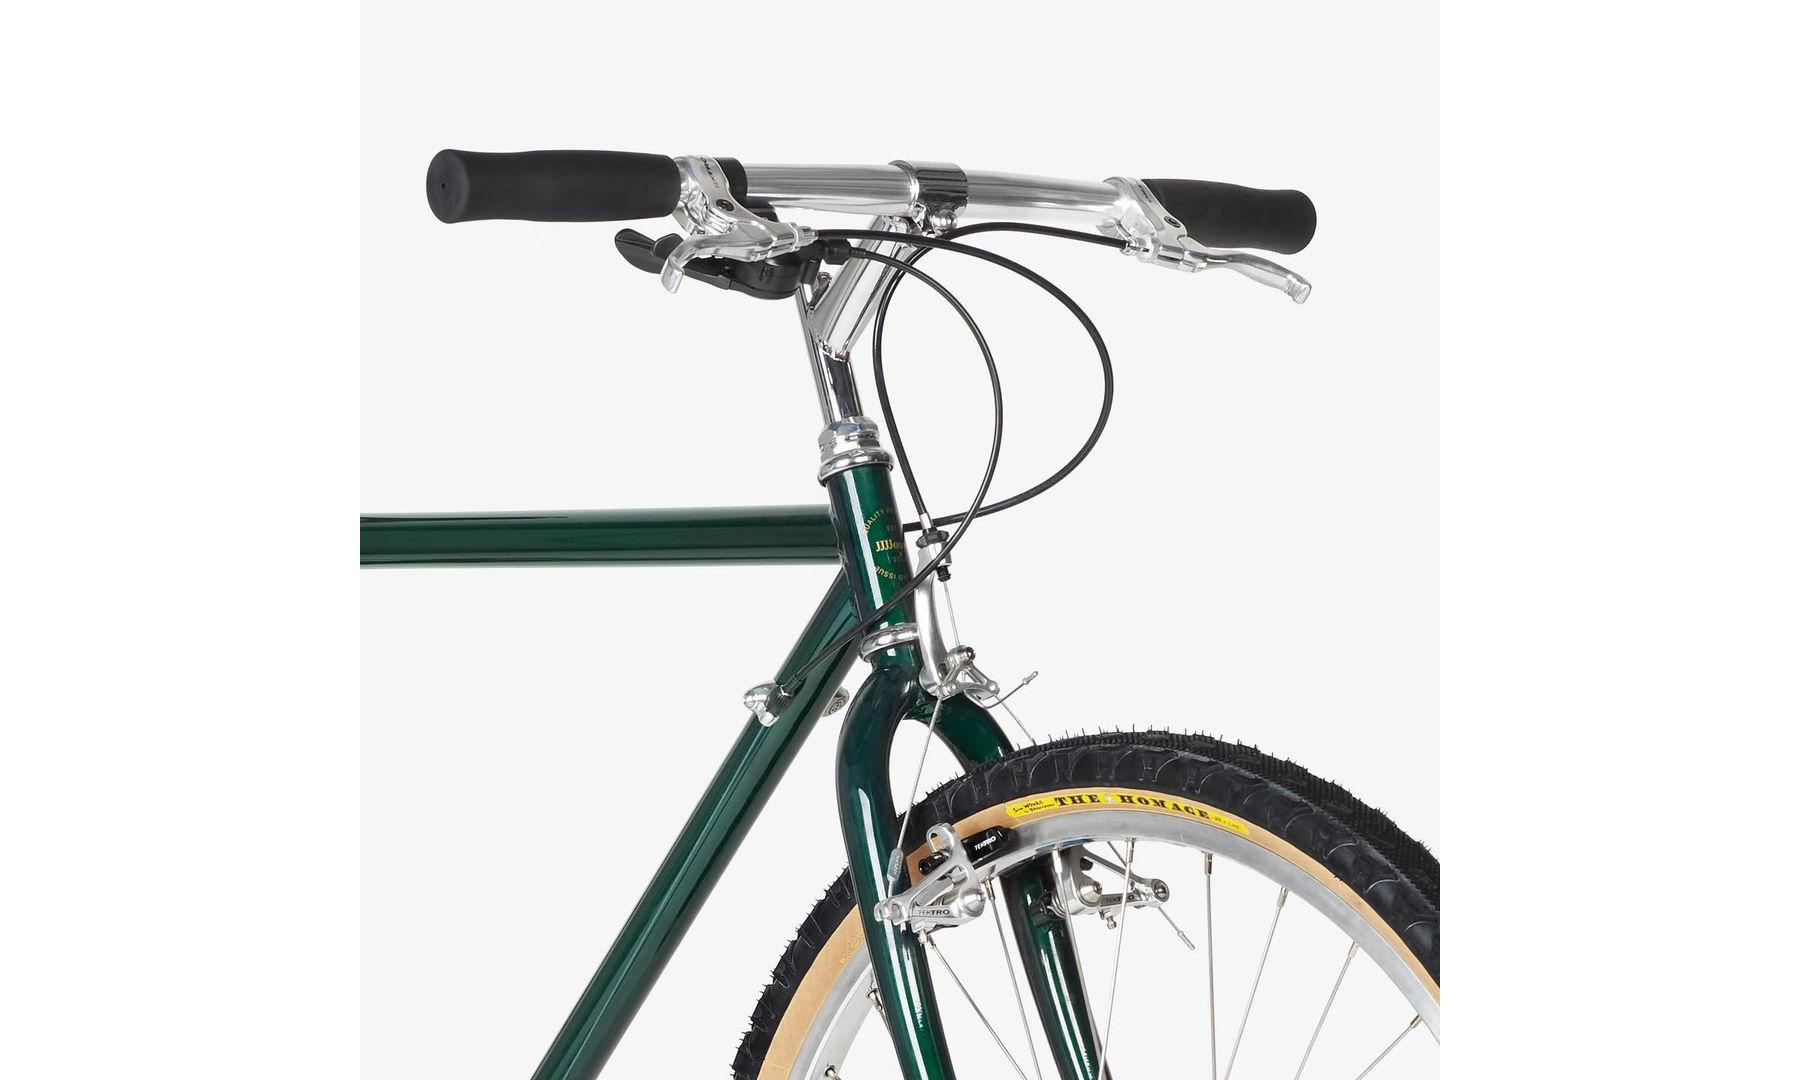 JJJJound 自行车将于下周开售